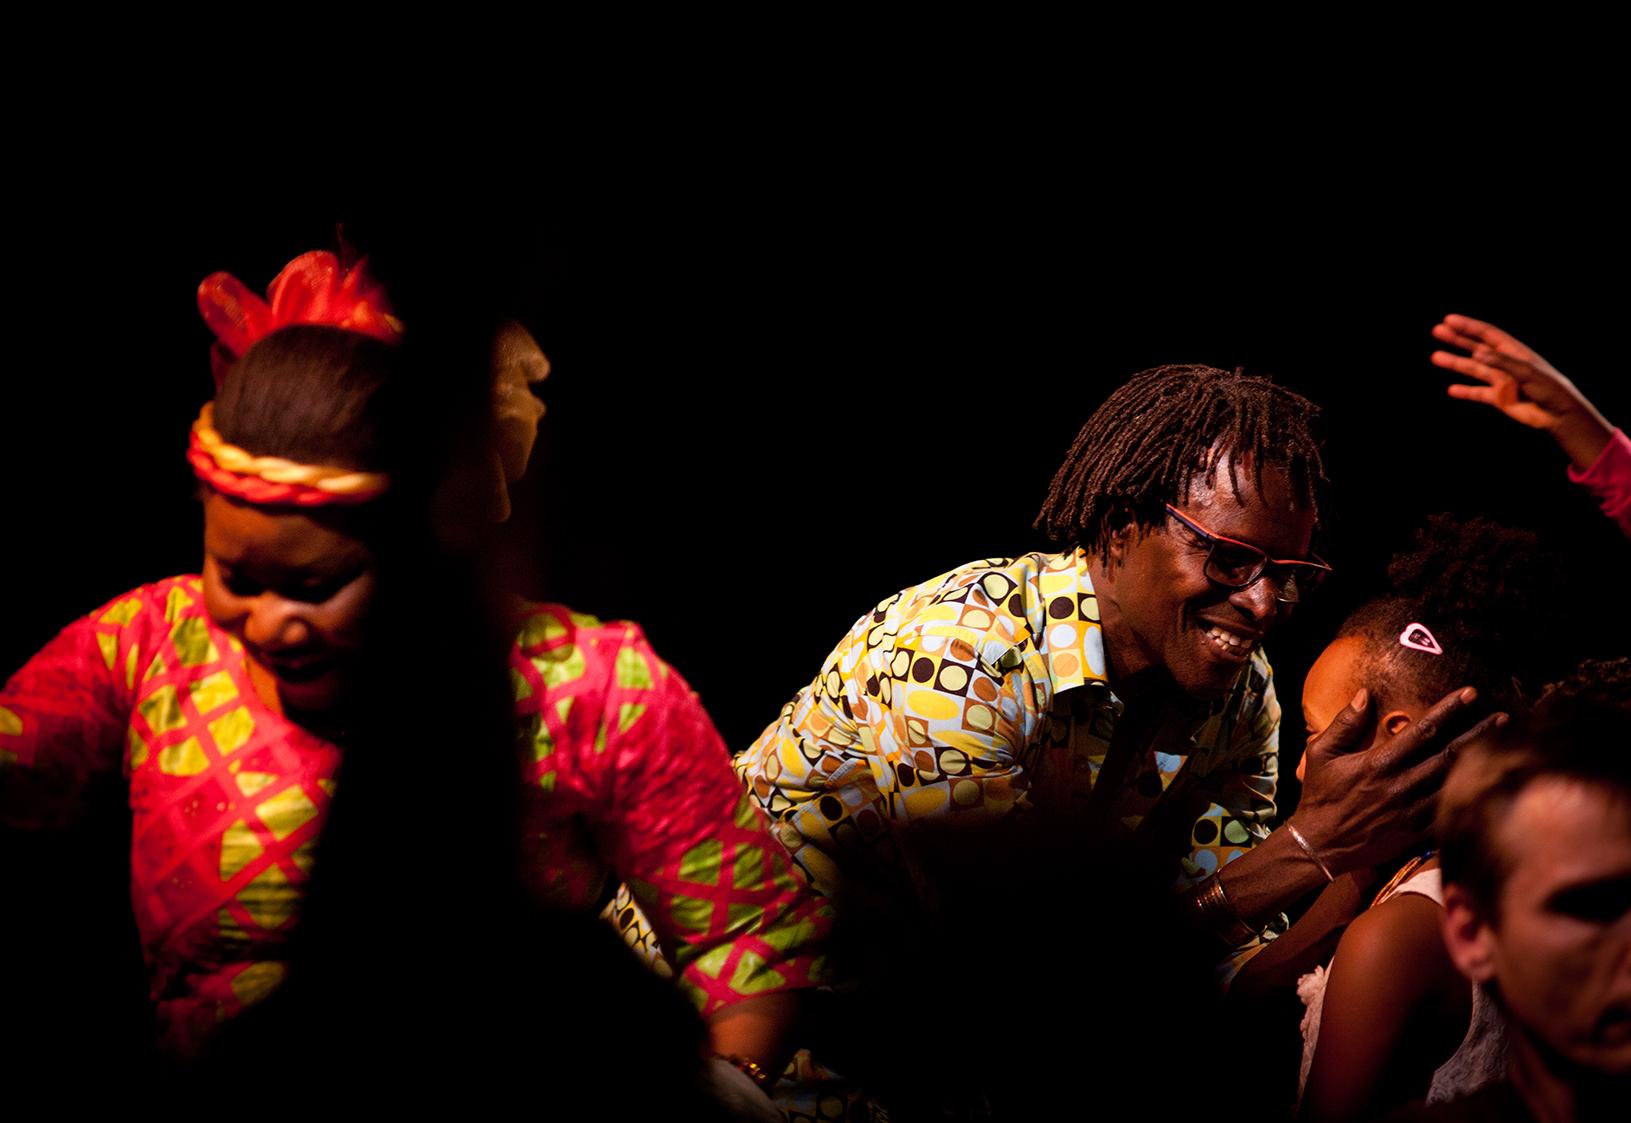 Le Bal Marmaille - L'Afrique Enchantée - Soro Solo